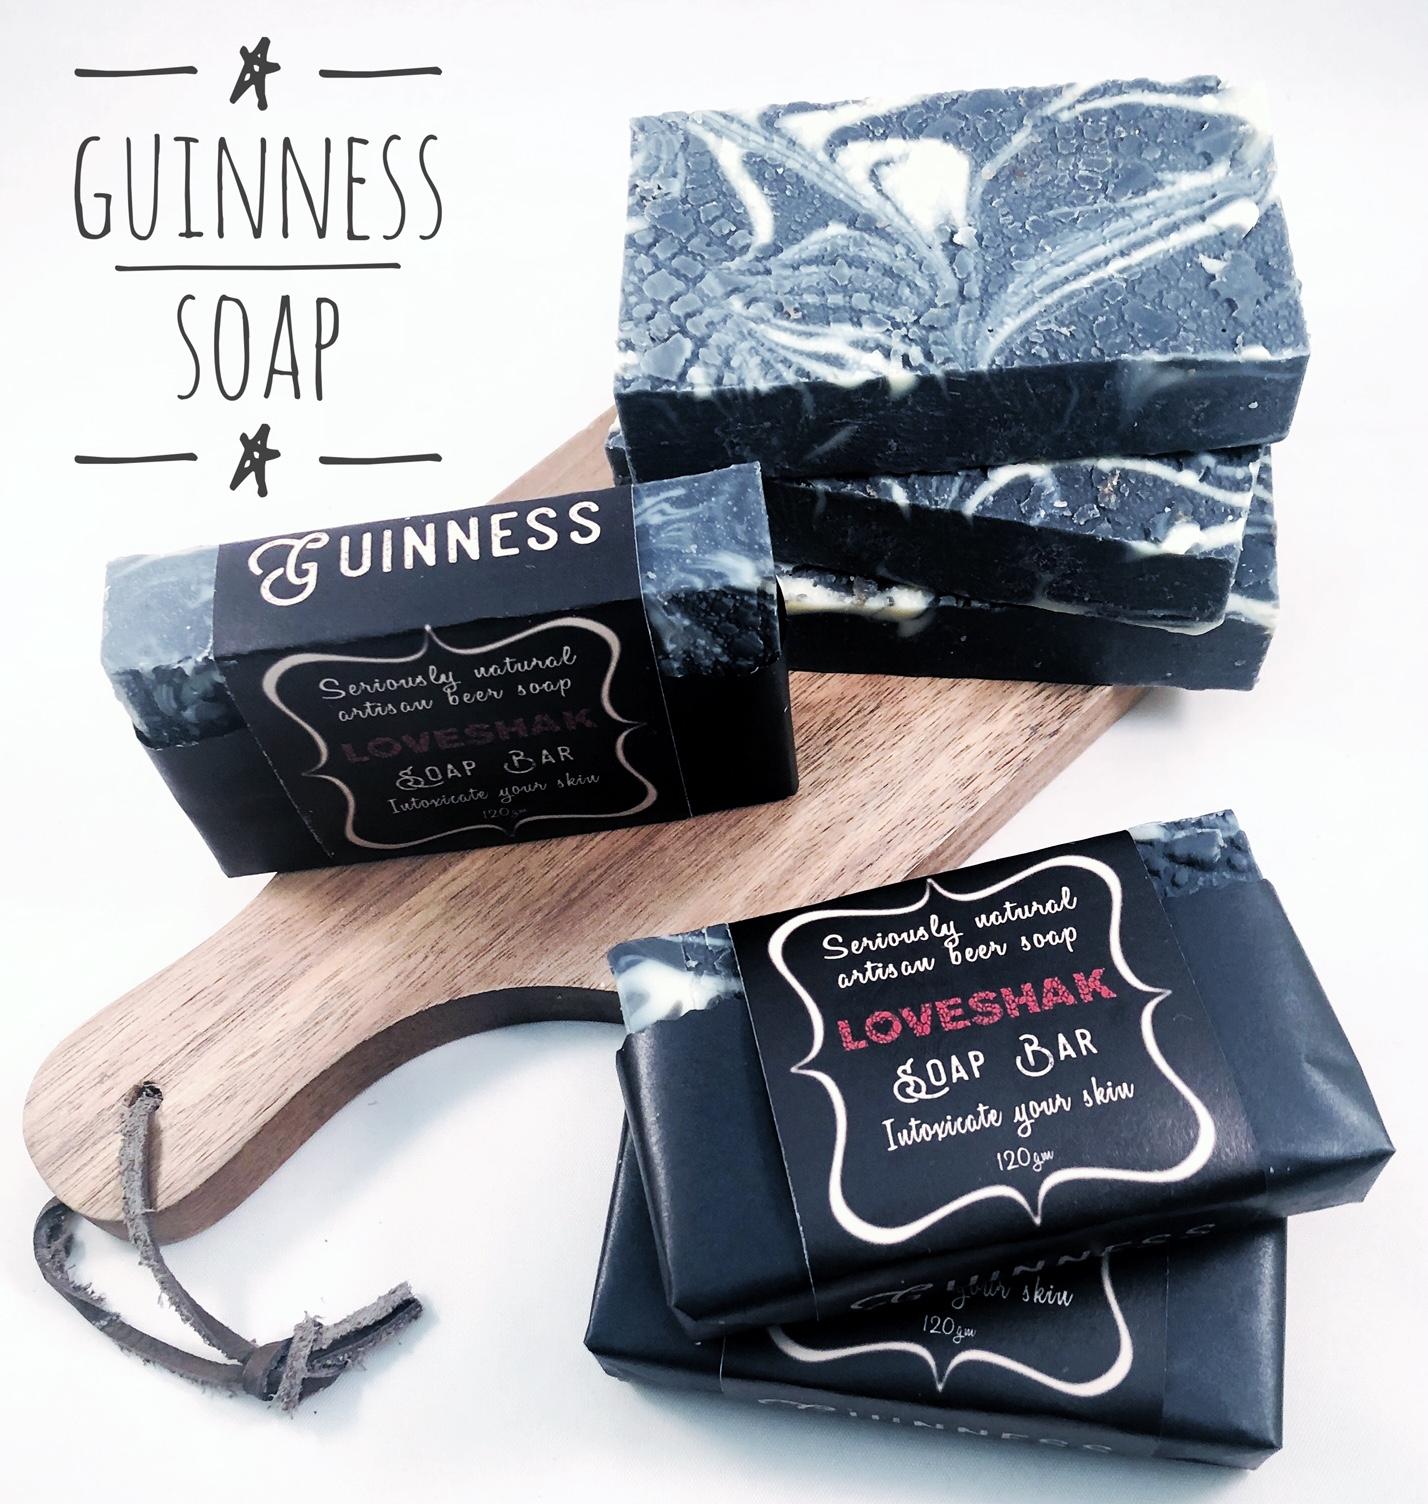 guinness soap (2).jpg